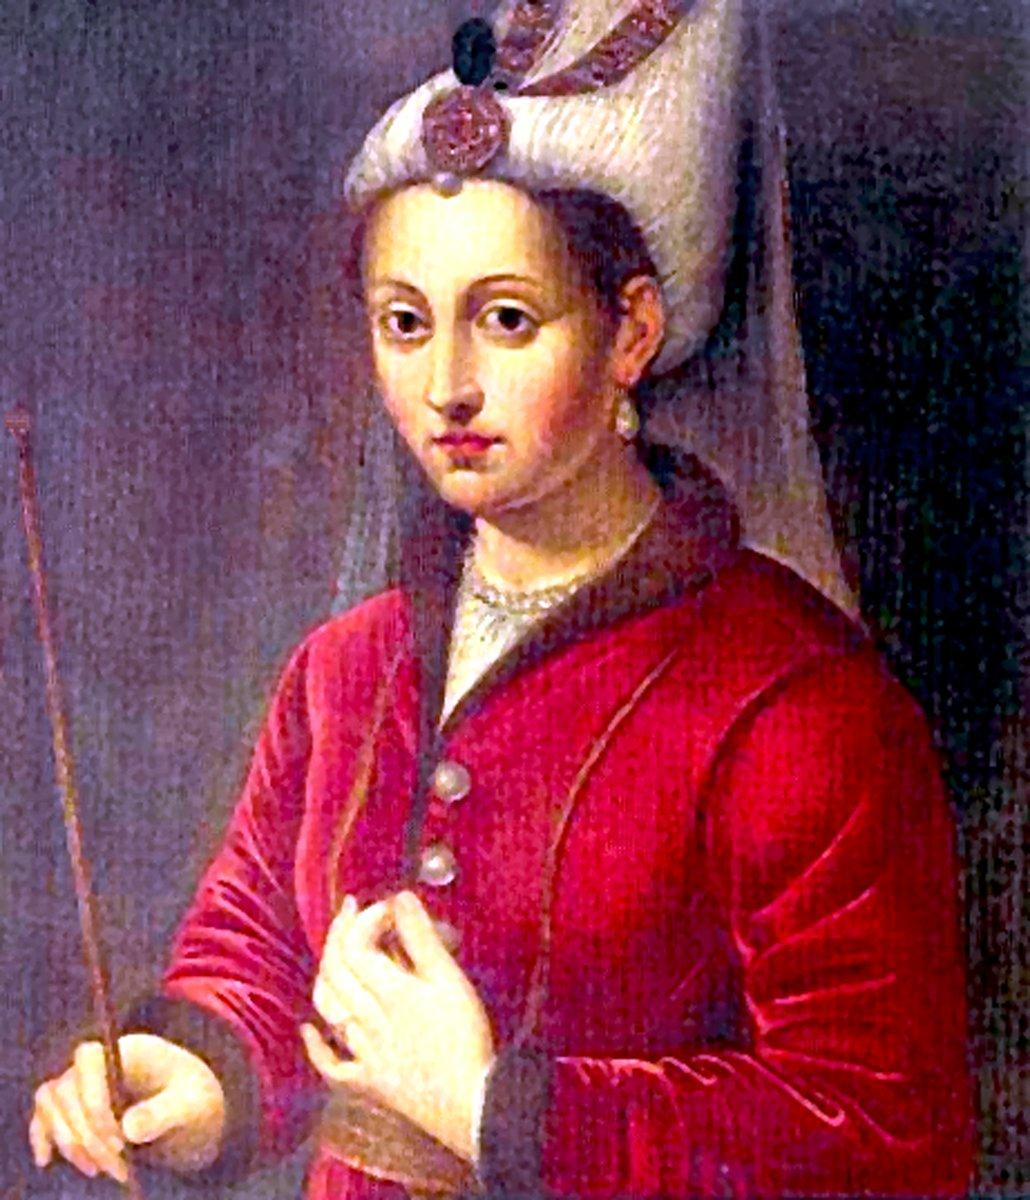 которой так исторический портрет хюррем султан фото того бойца утверждал